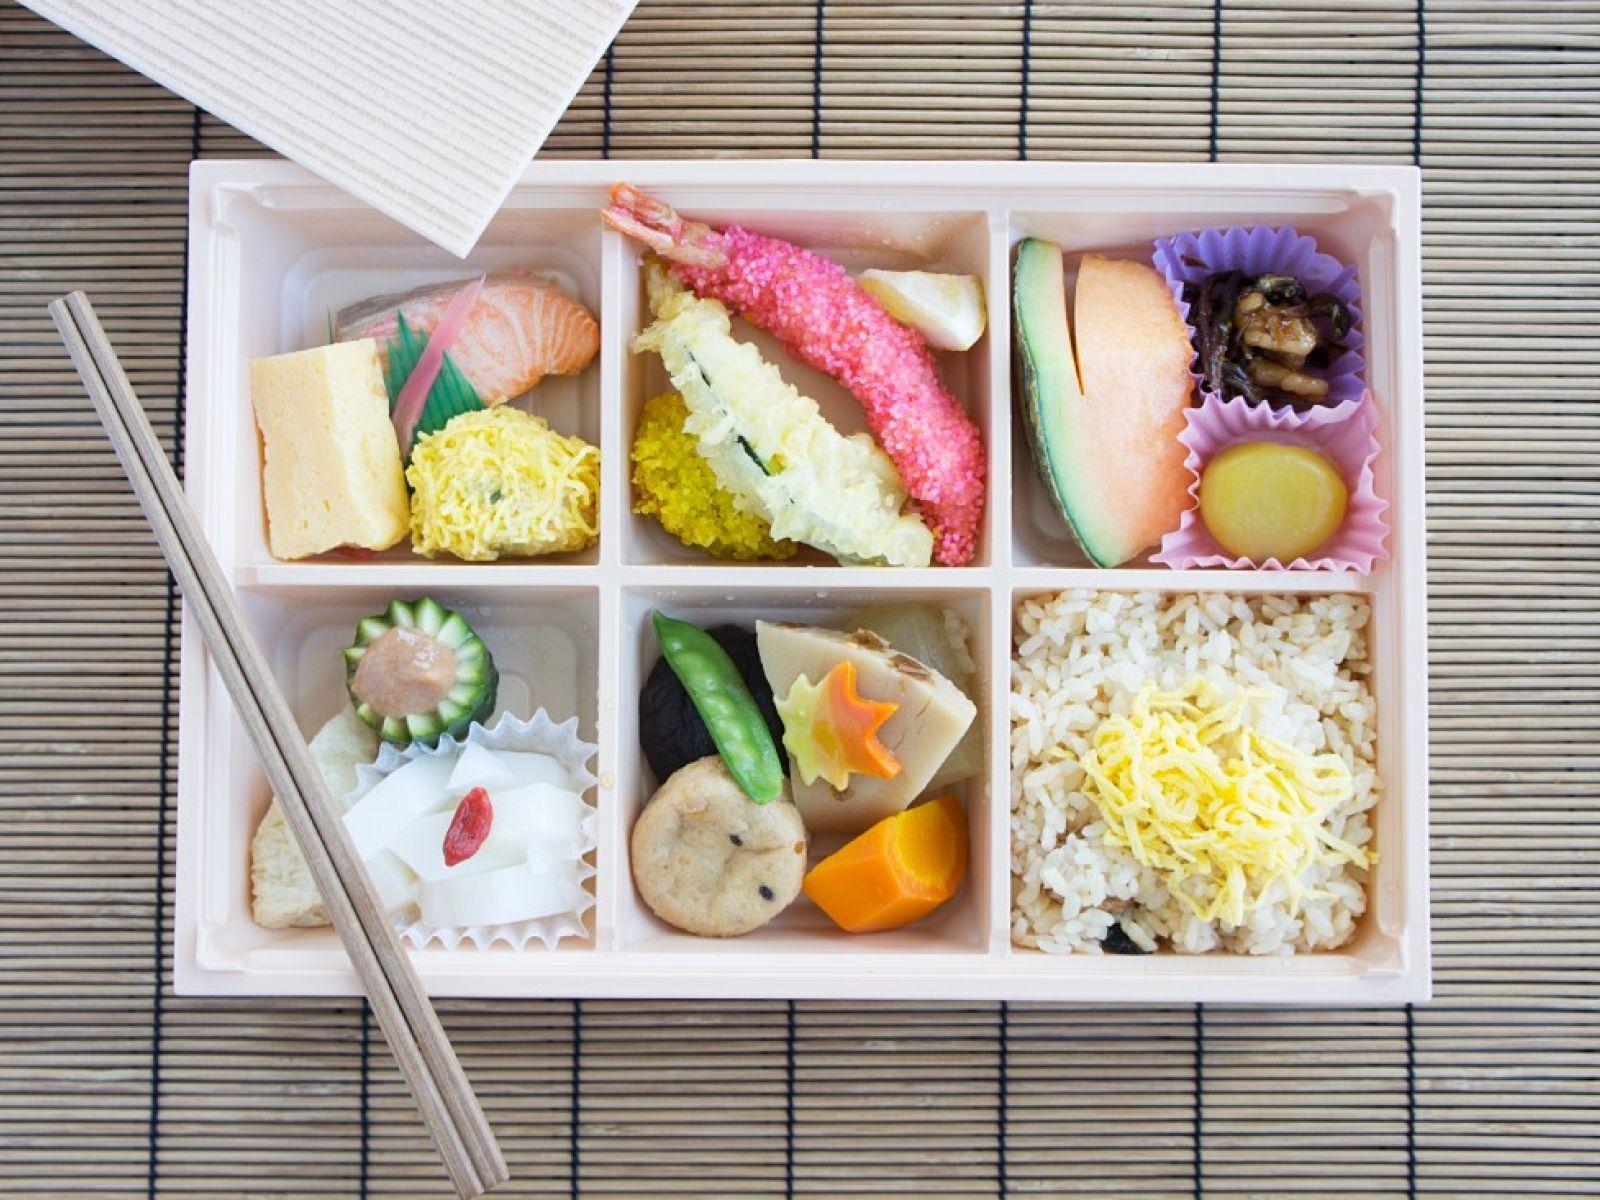 Sahnetorte Hd Beauty Japanisch 3 Ways